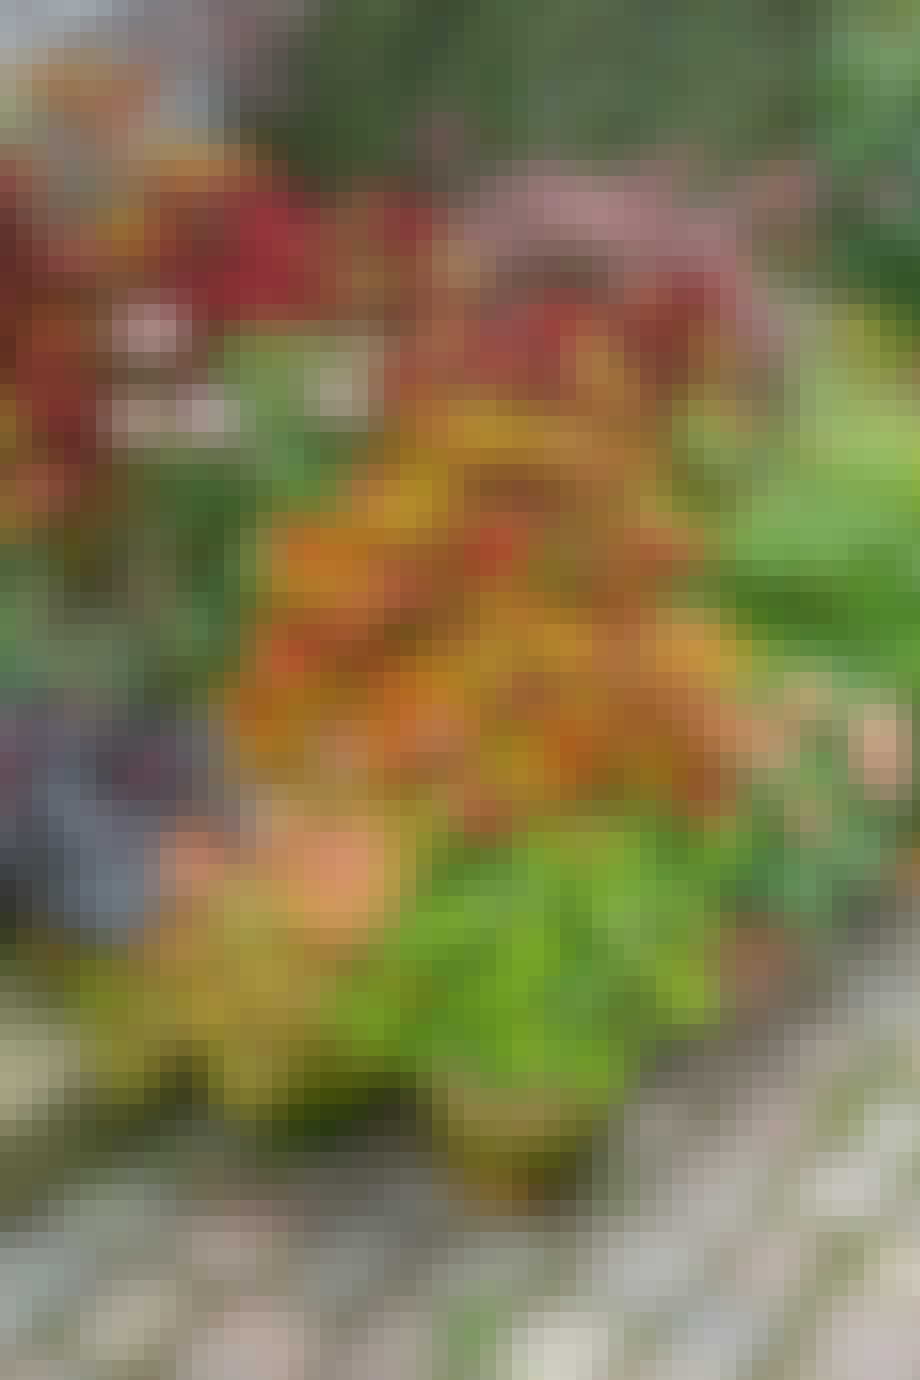 blomster og planter i krukker